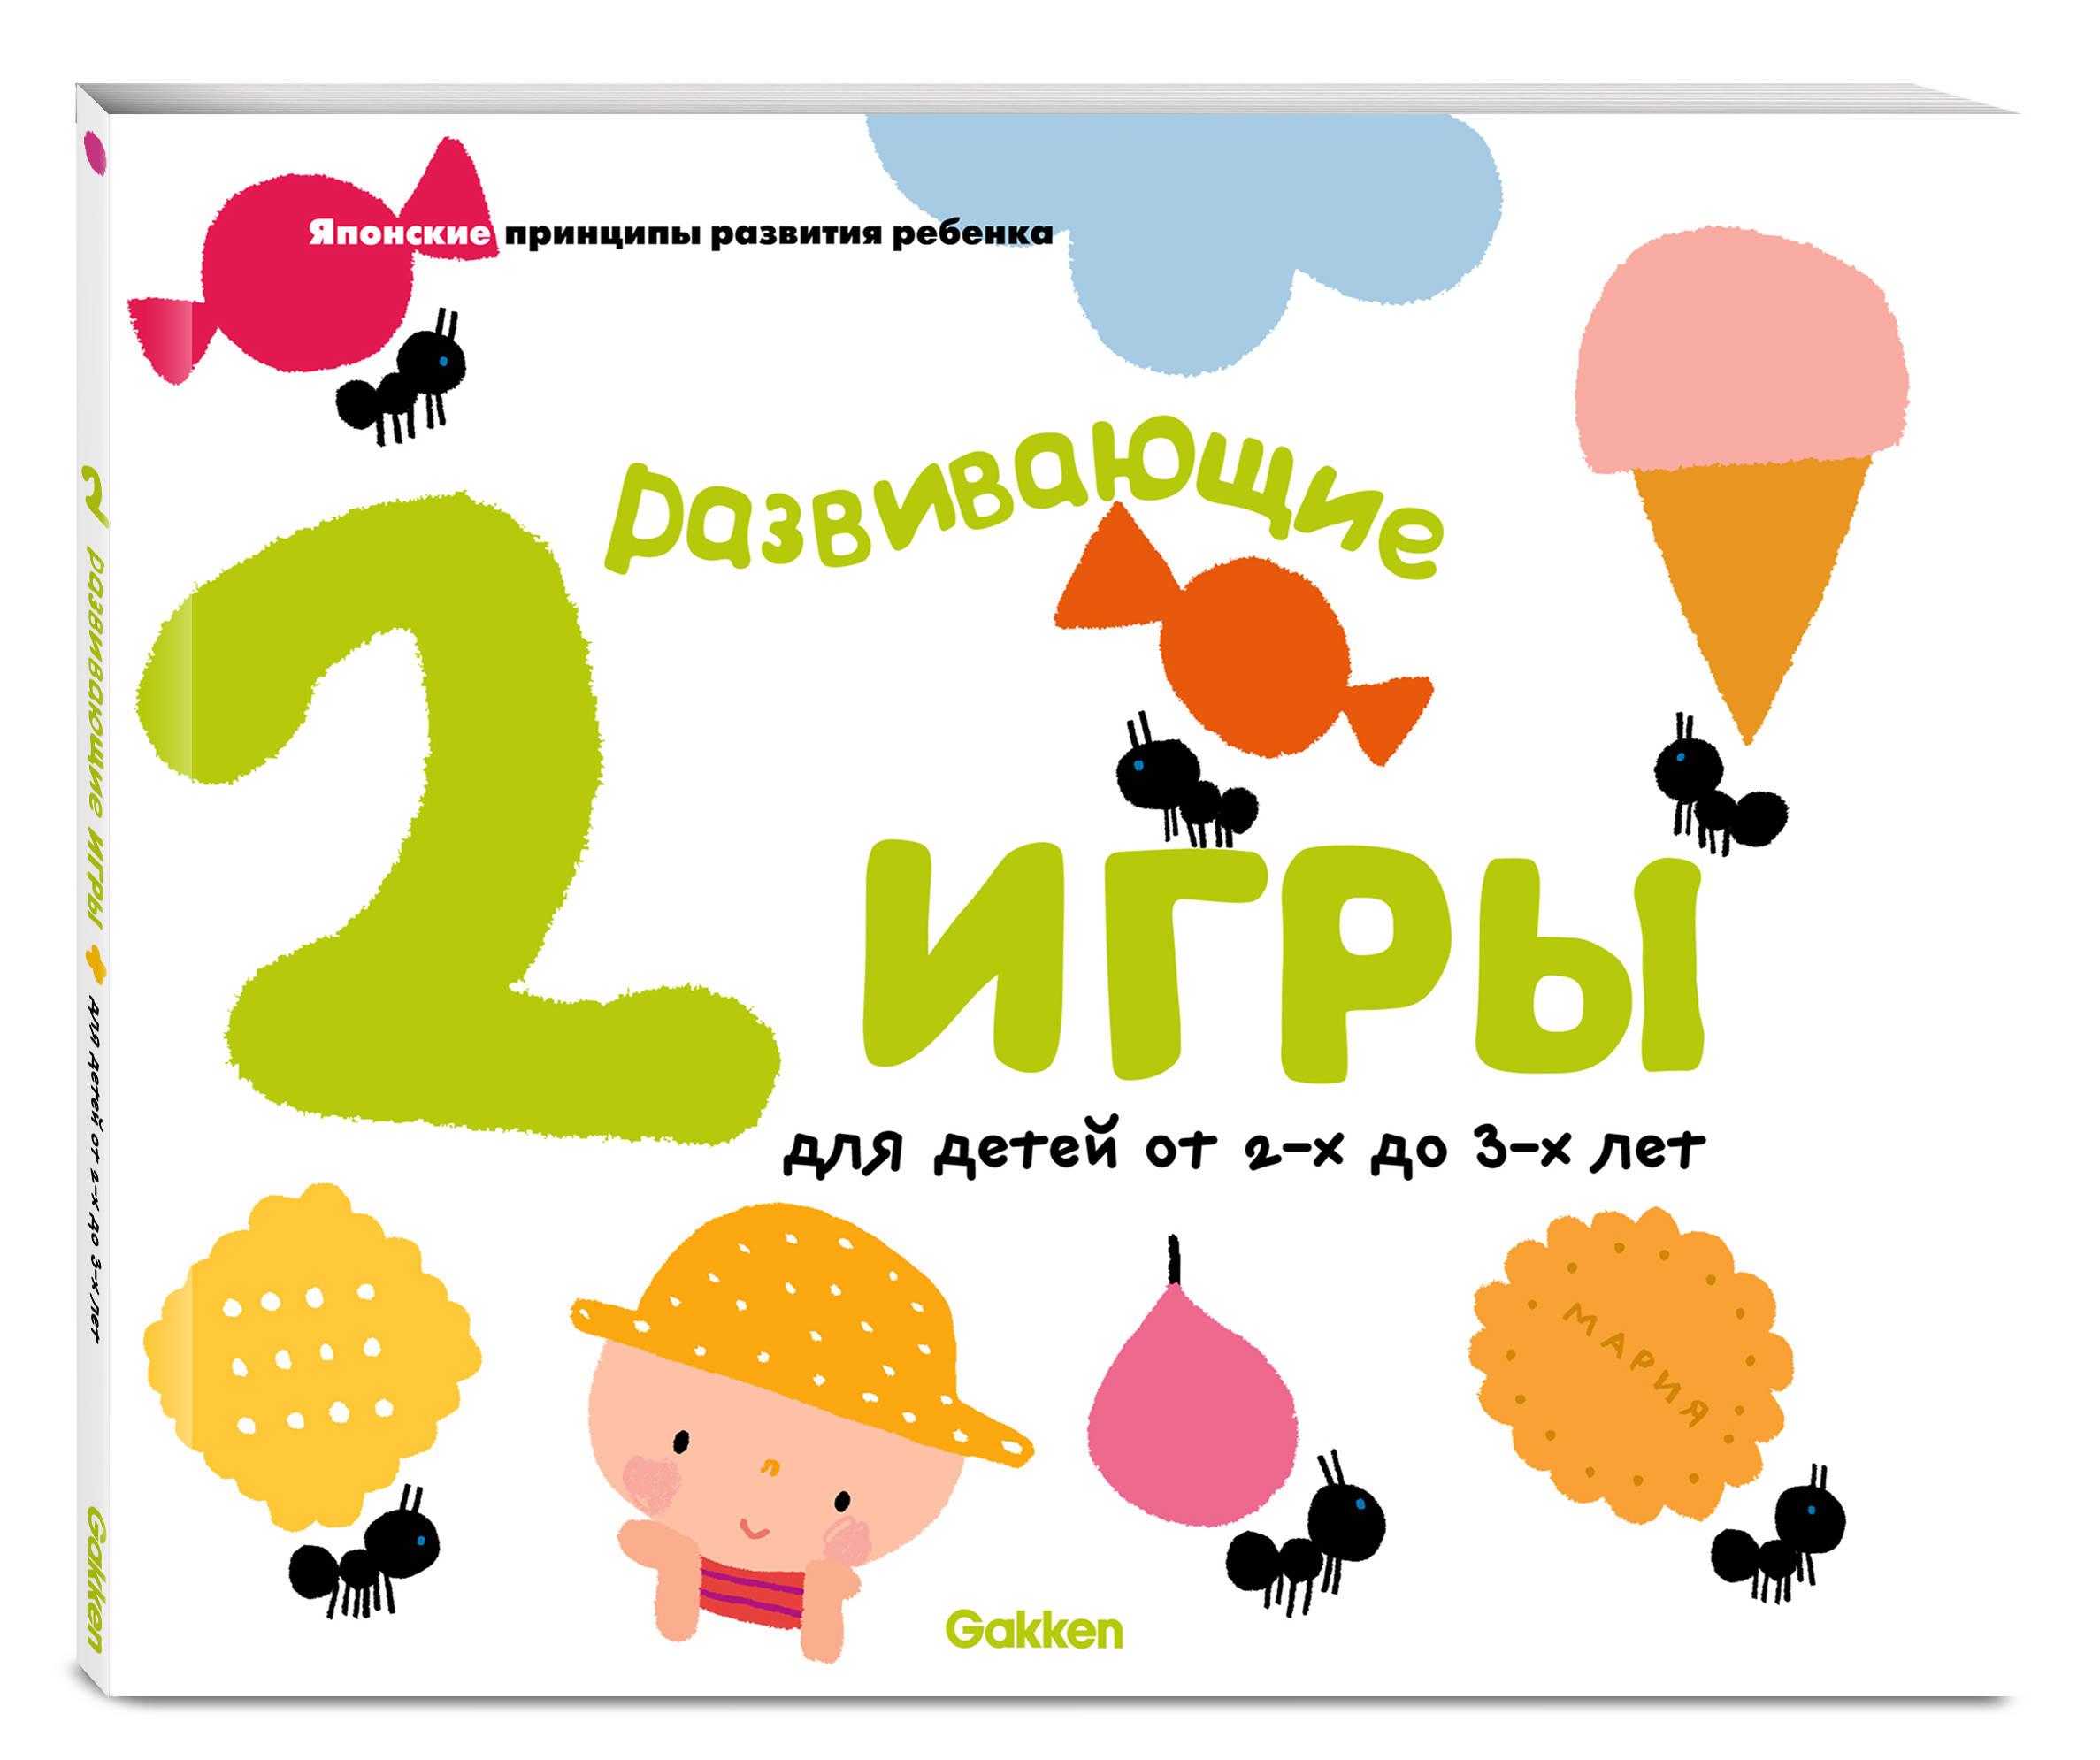 Gakken. Развивающие игры для детей от 2-х до 3-х лет (с наклейками) в в лещинская развивающие игры с детьми до 3 х лет